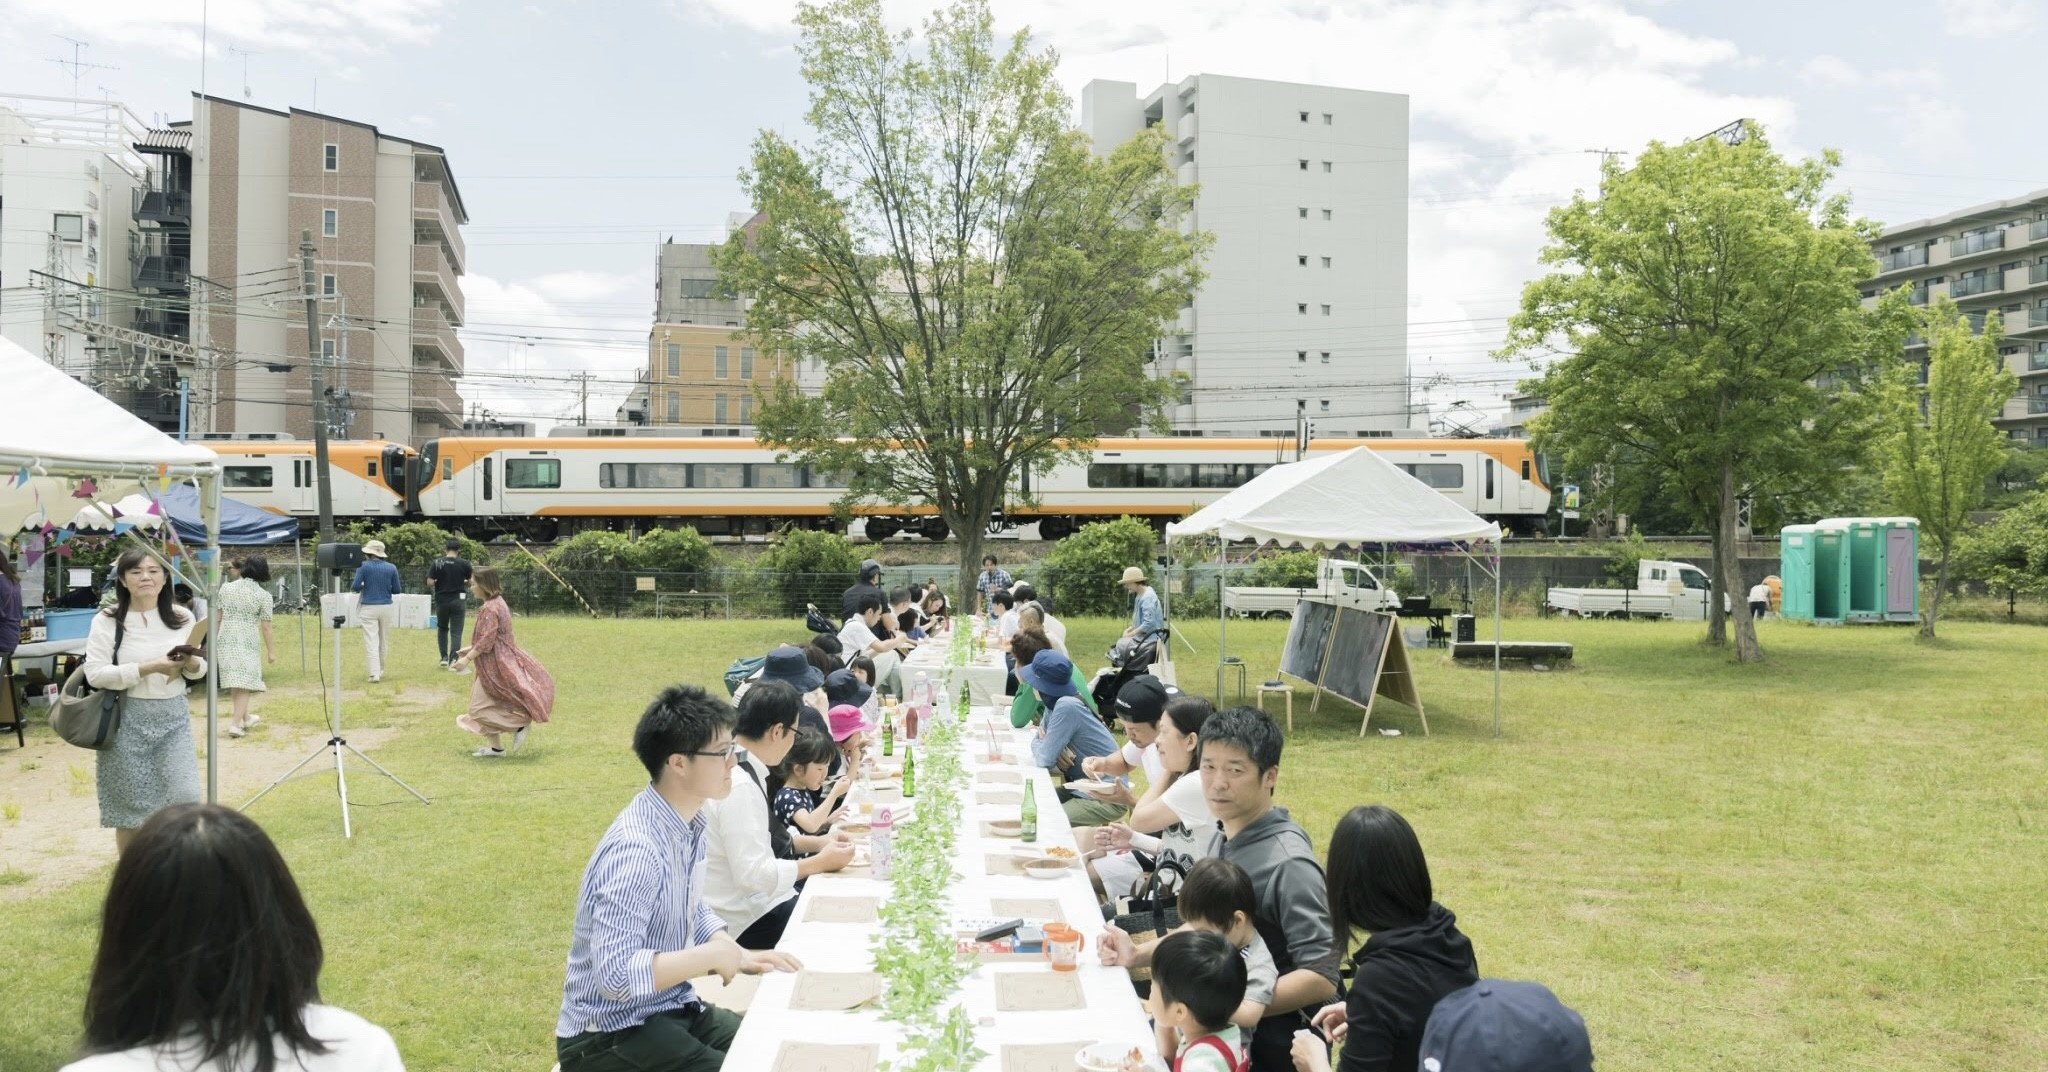 公園や商店街、駅前広場など、いろいろな場所でユニークなイベントが開催!